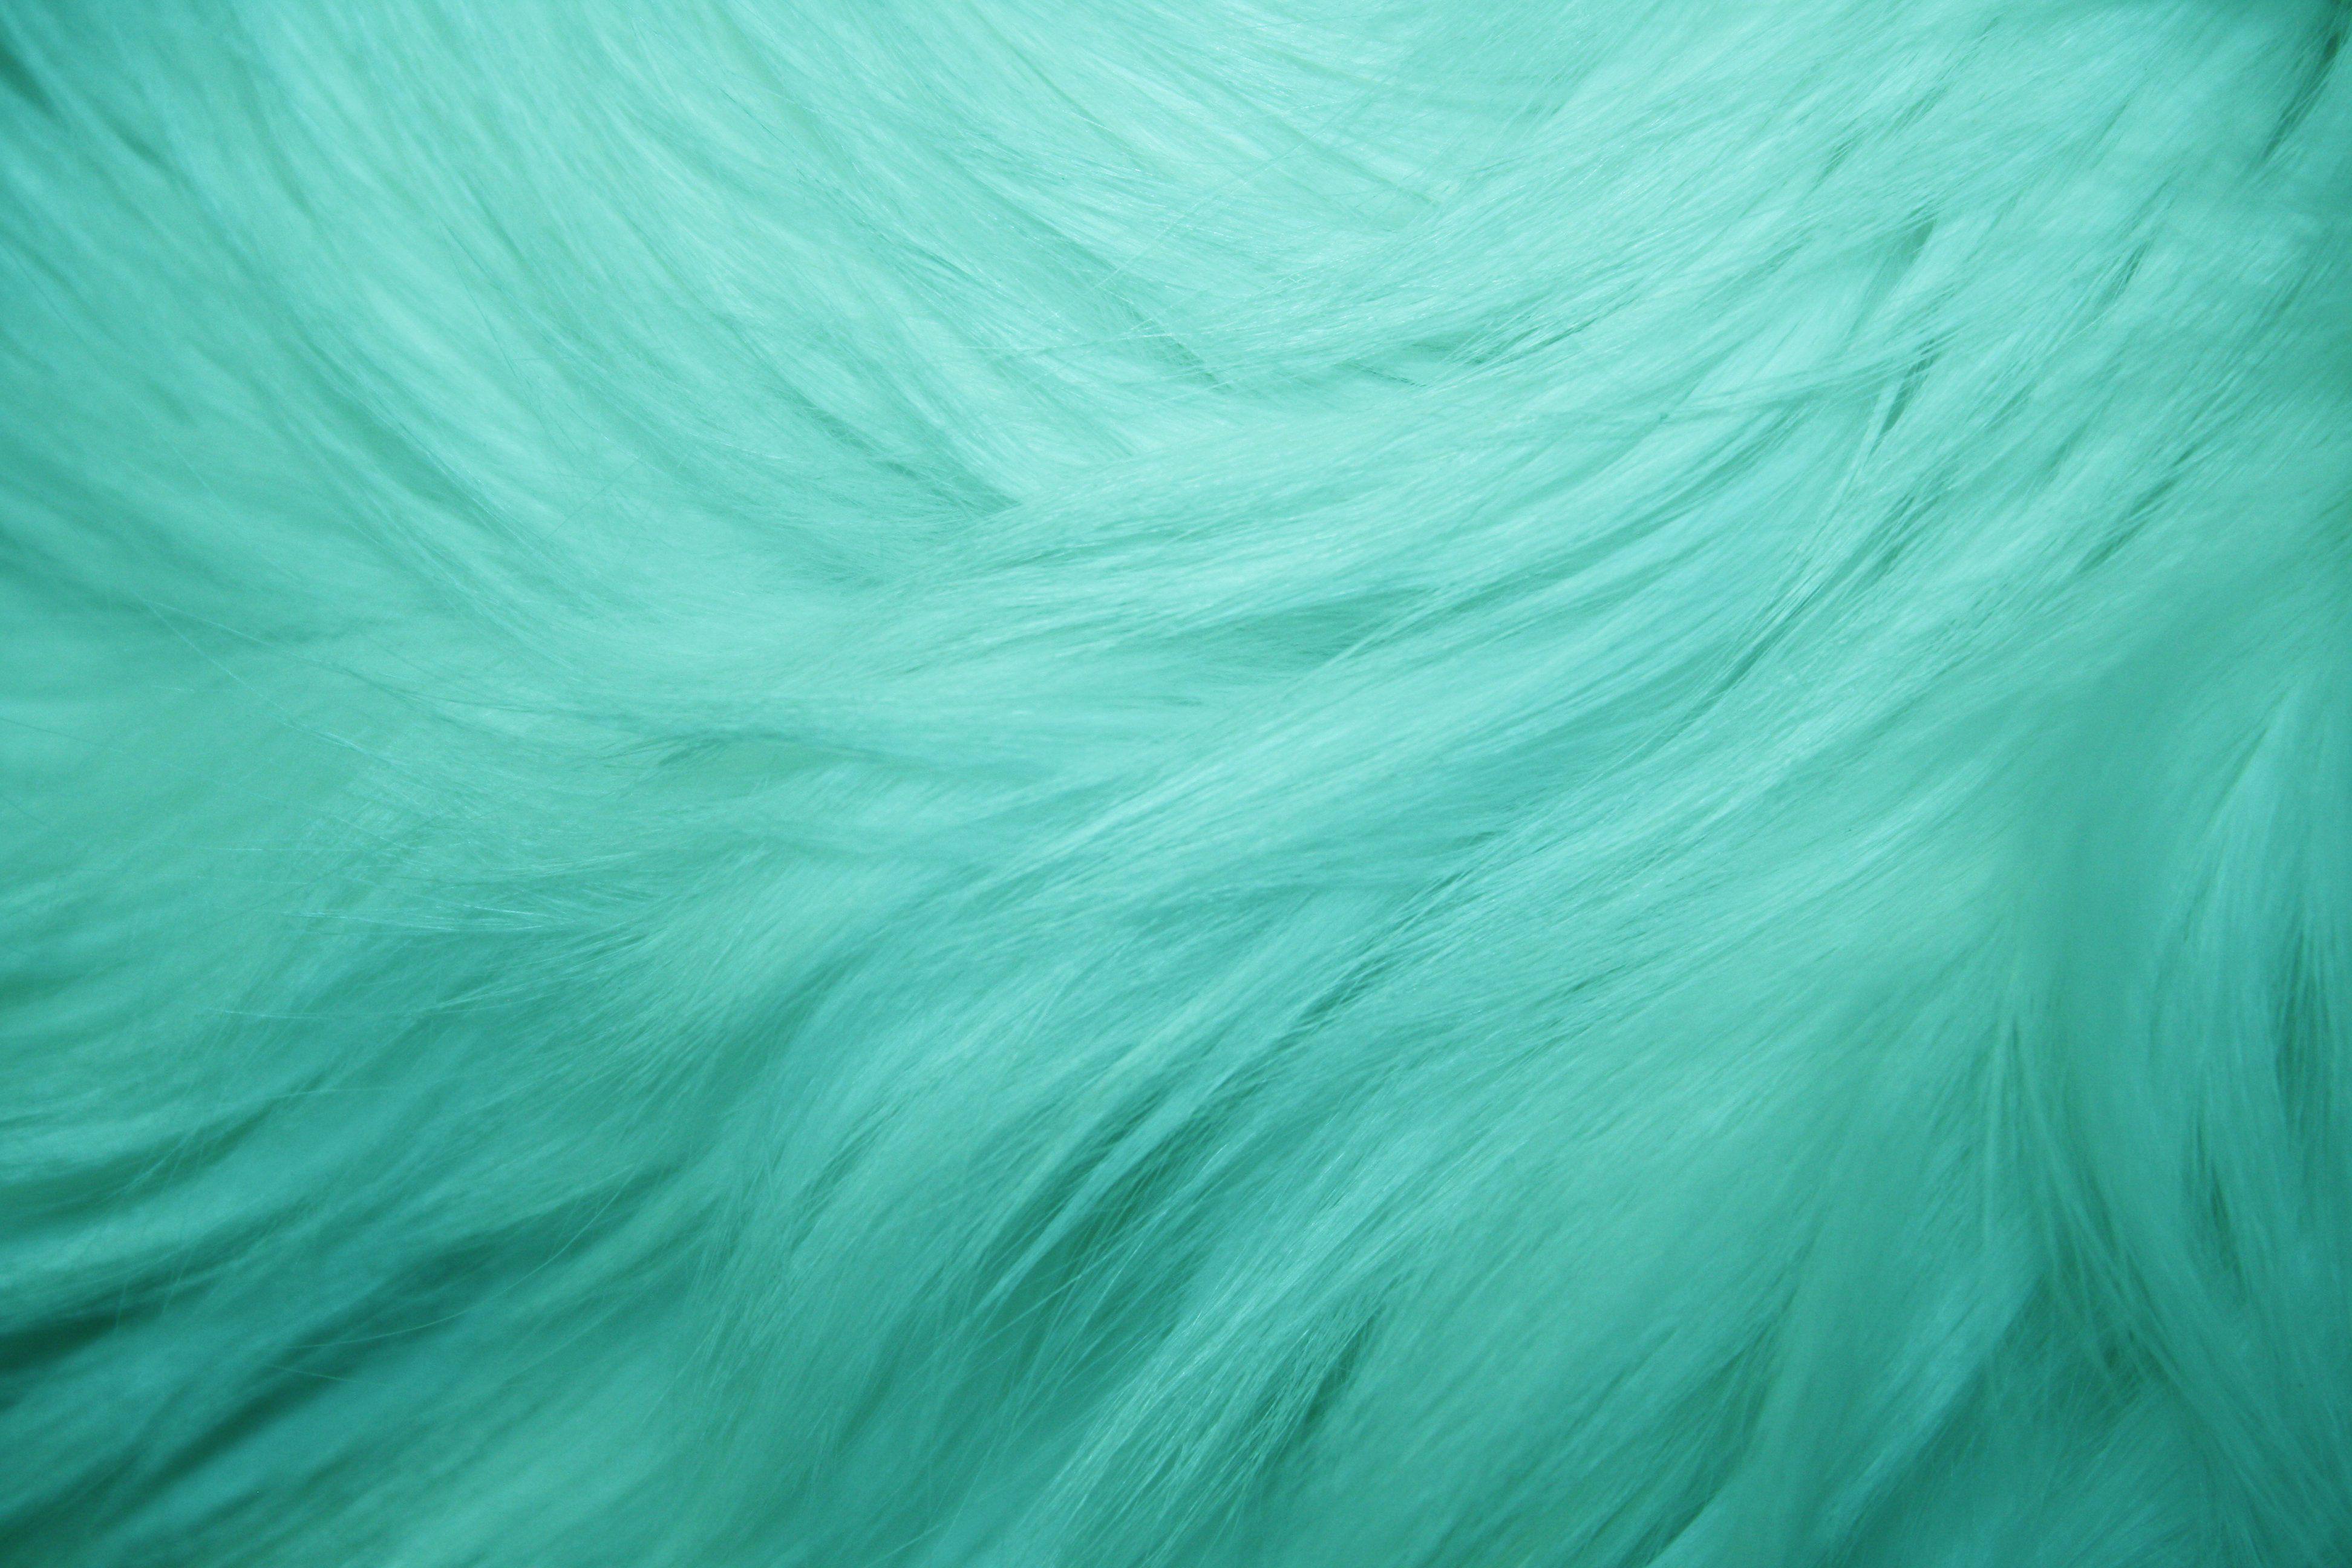 мини-юбка картинки на телефон цвета морской волны оздоравливающая операция, которая